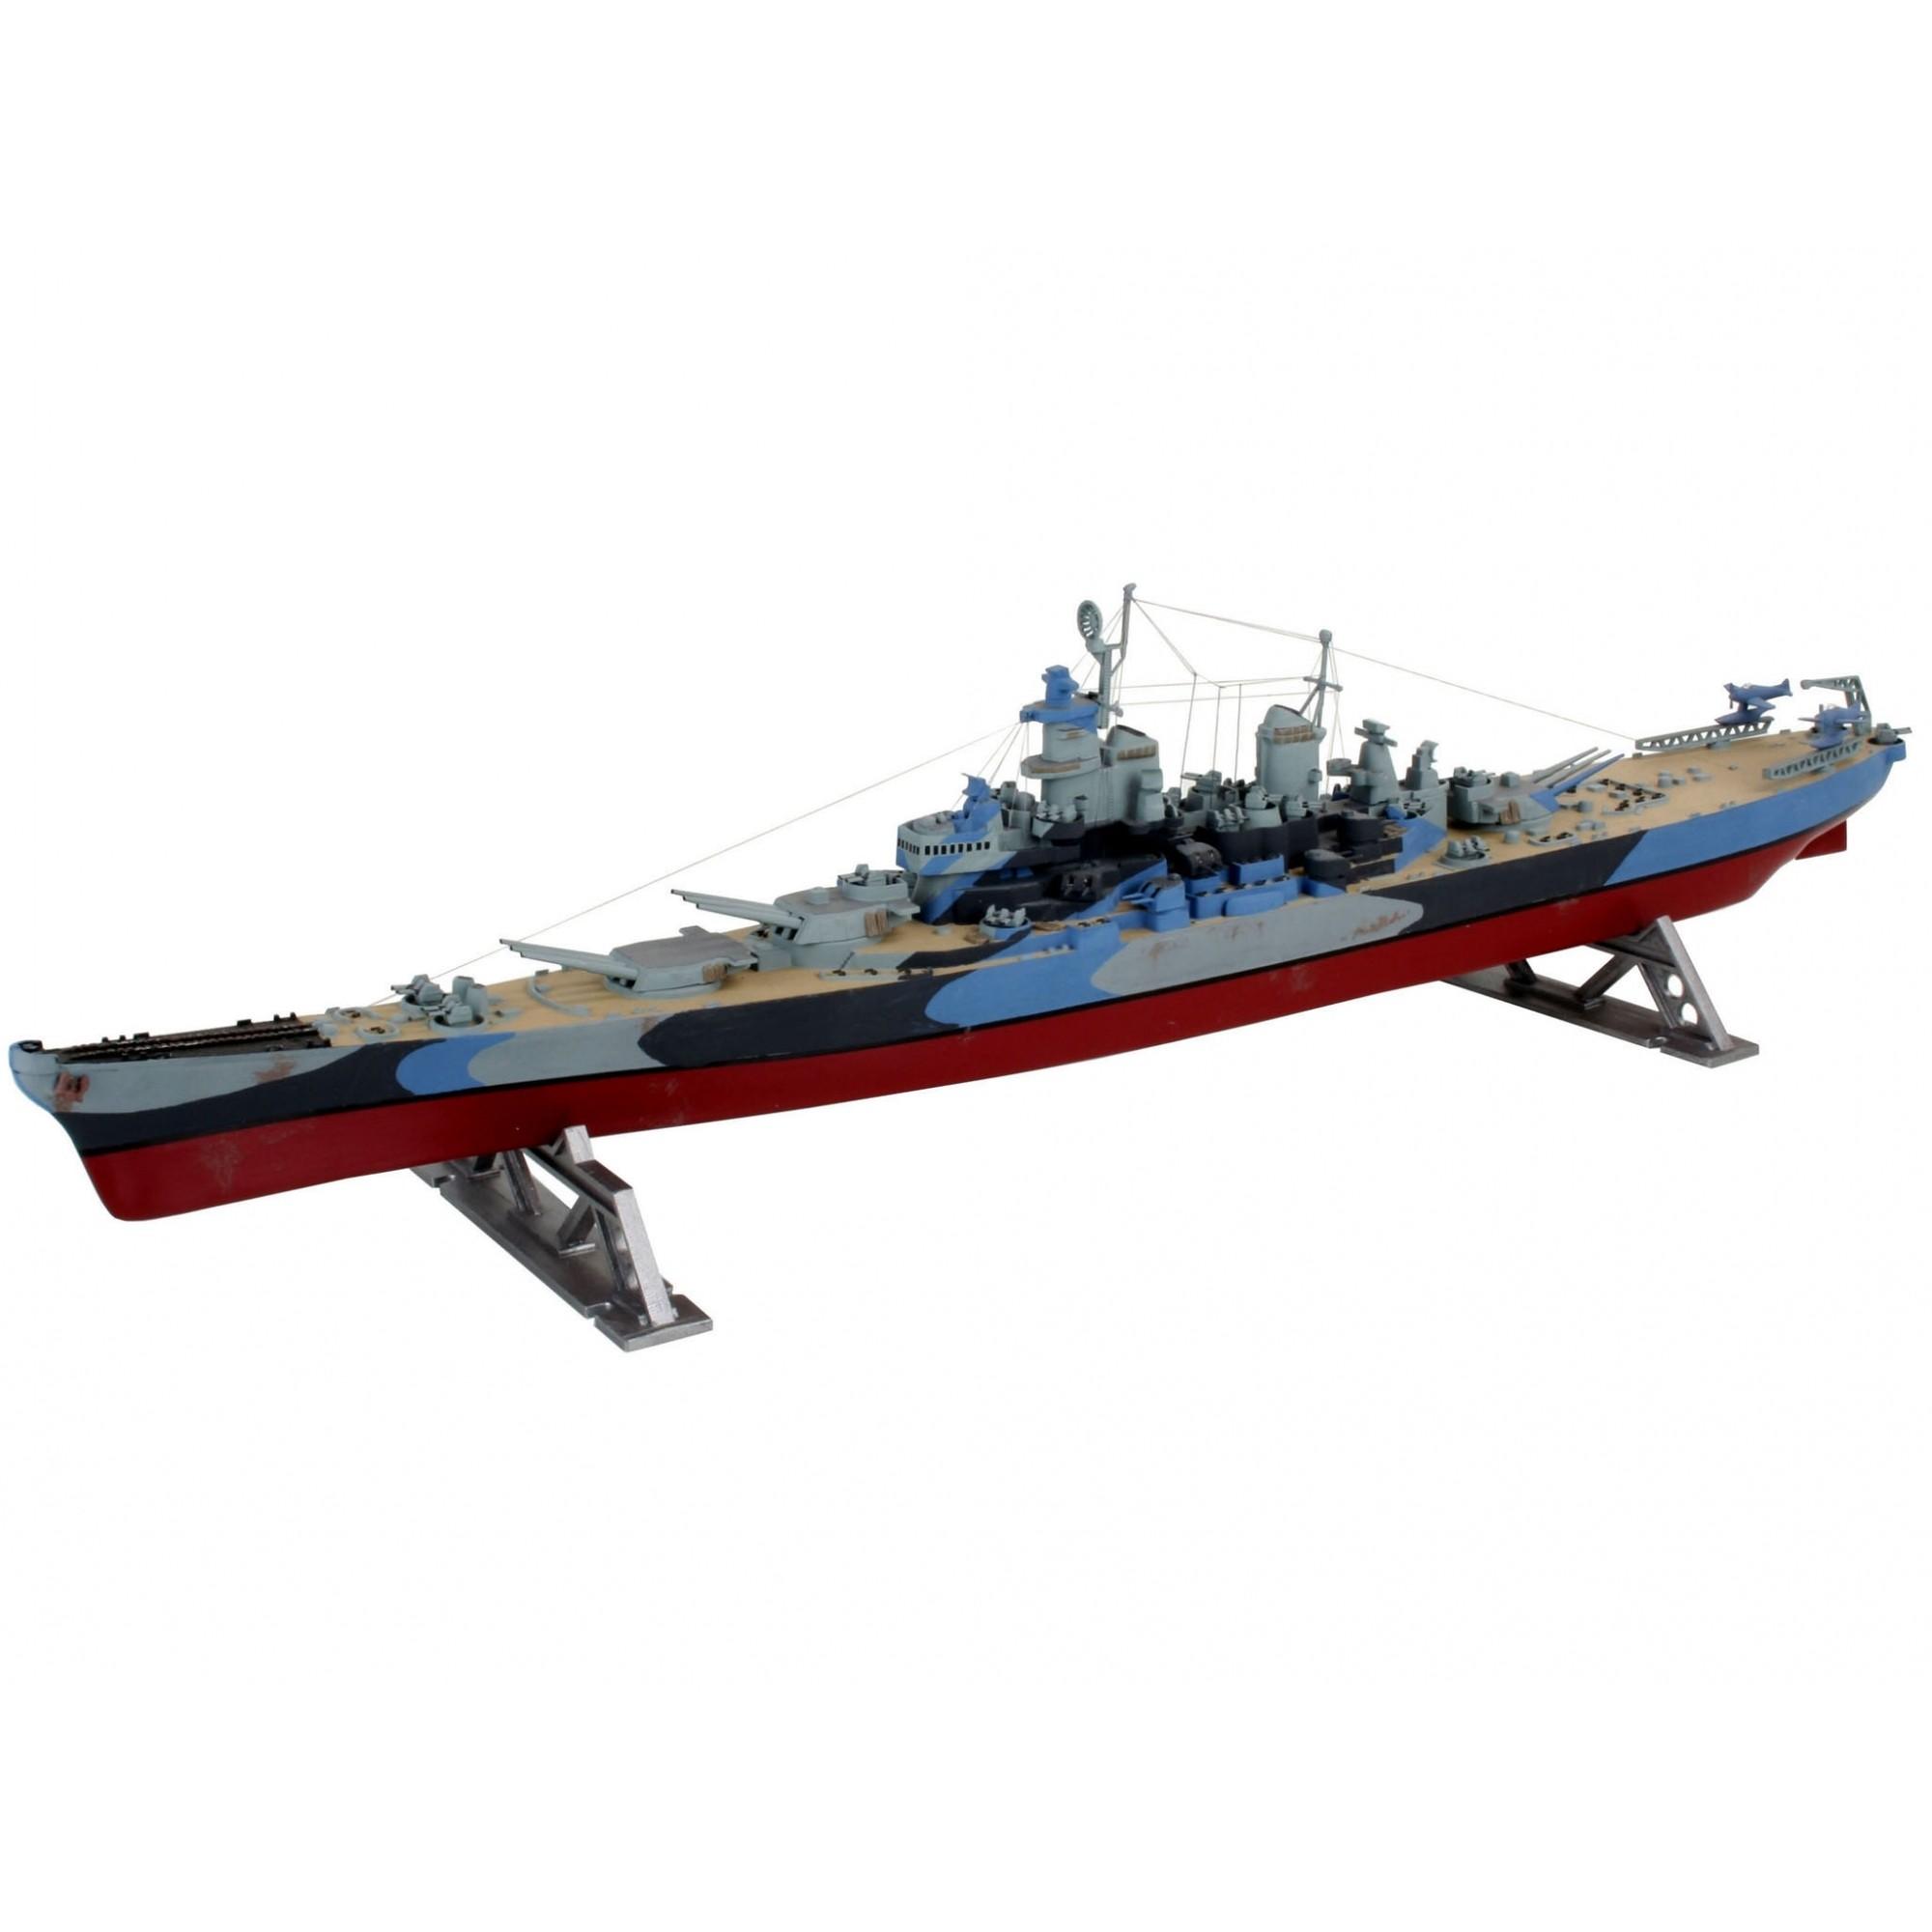 USS Missouri - 1/535 - Revell 05092  - BLIMPS COMÉRCIO ELETRÔNICO